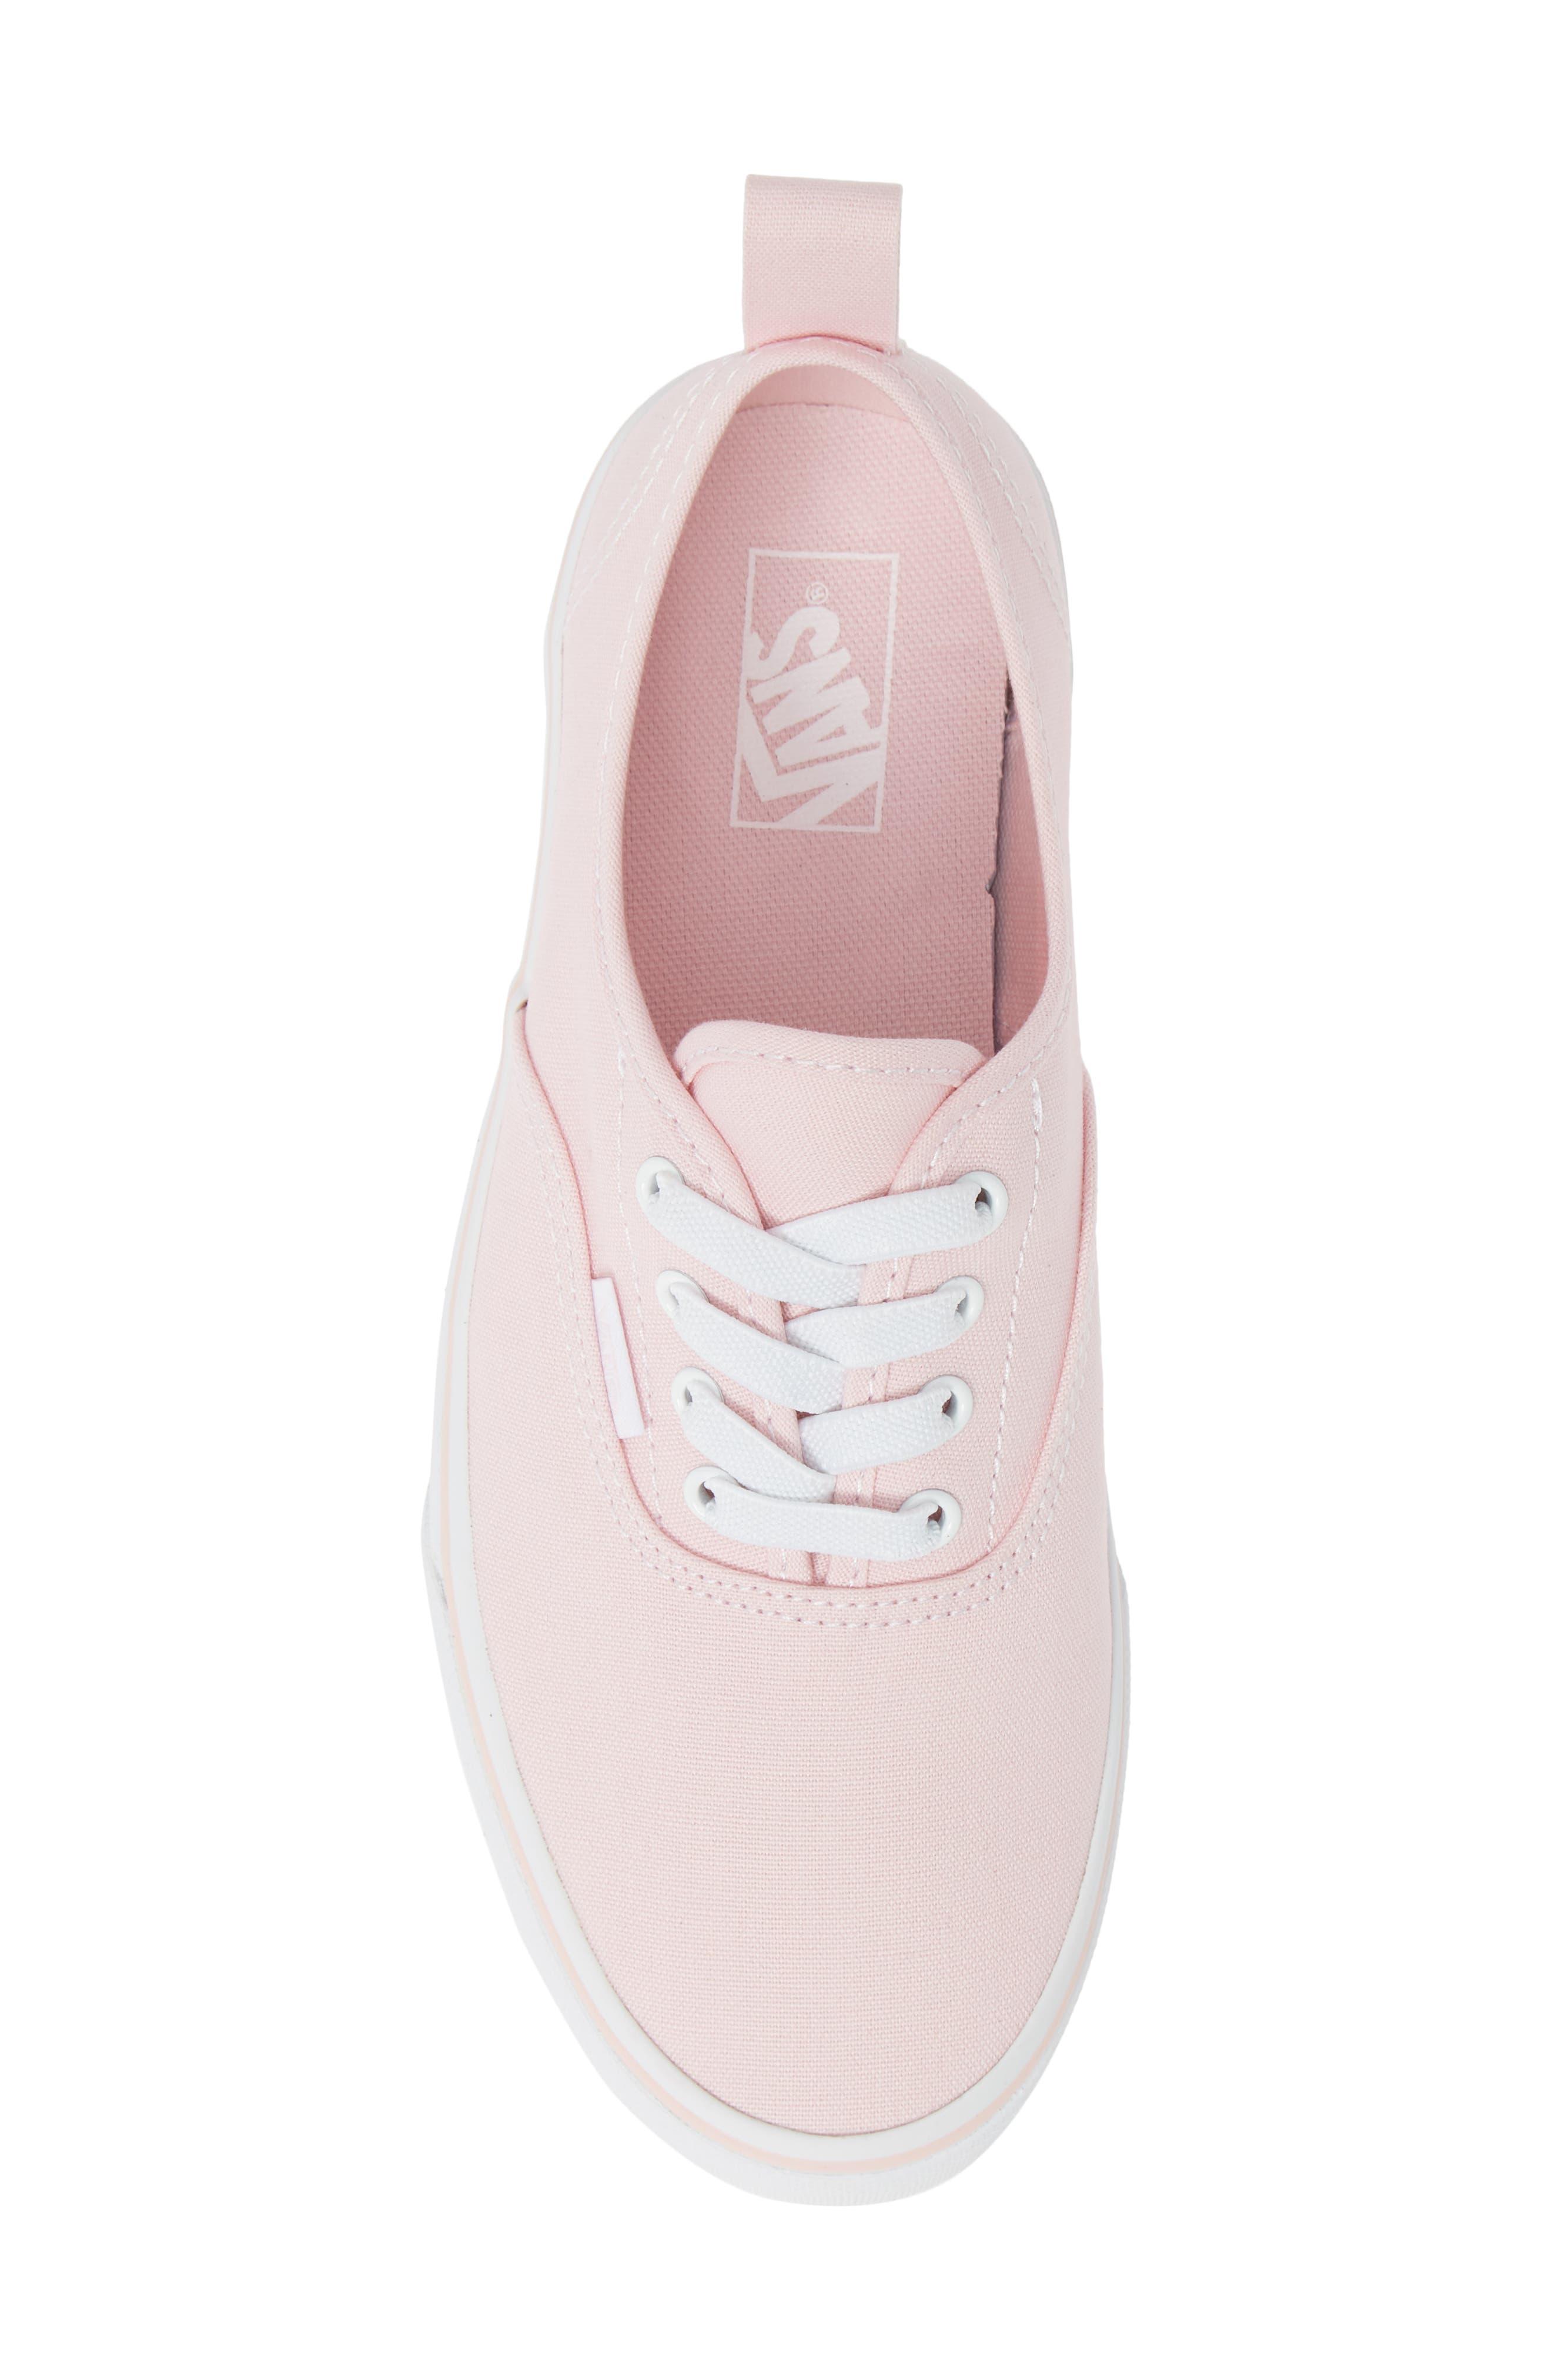 VANS, Authentic Elastic Lace Sneaker, Alternate thumbnail 5, color, CHALK PINK/ TRUE WHITE